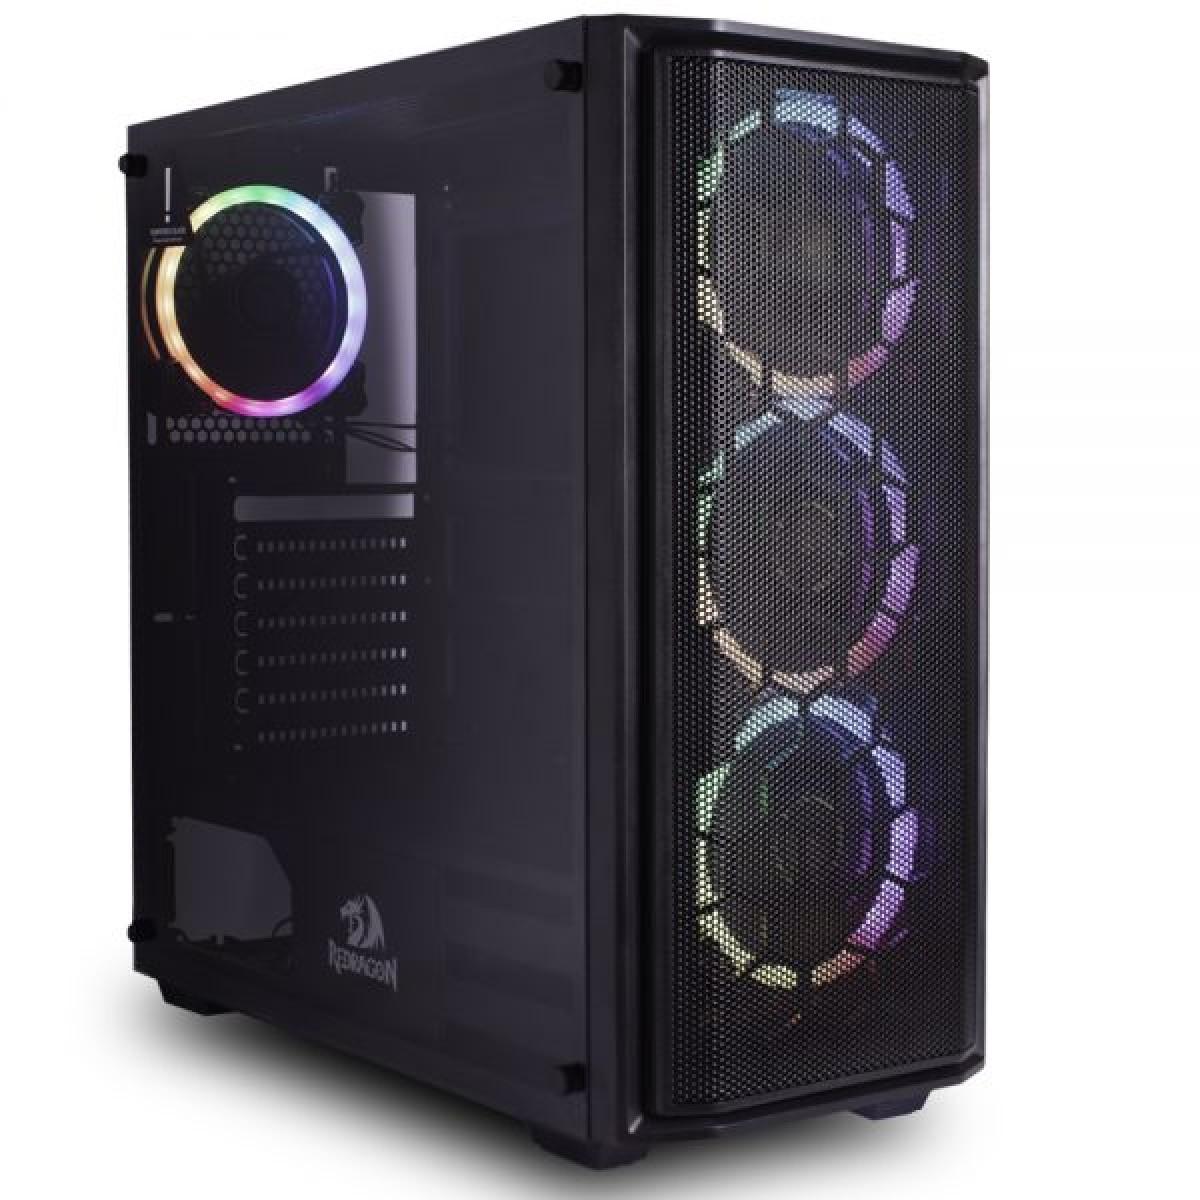 Pc Gamer T-Power Maximus Lvl-3 Intel i5 9600KF / Geforce RTX 2080 8GB /  DDR4 16GB / HD 1TB / 700W